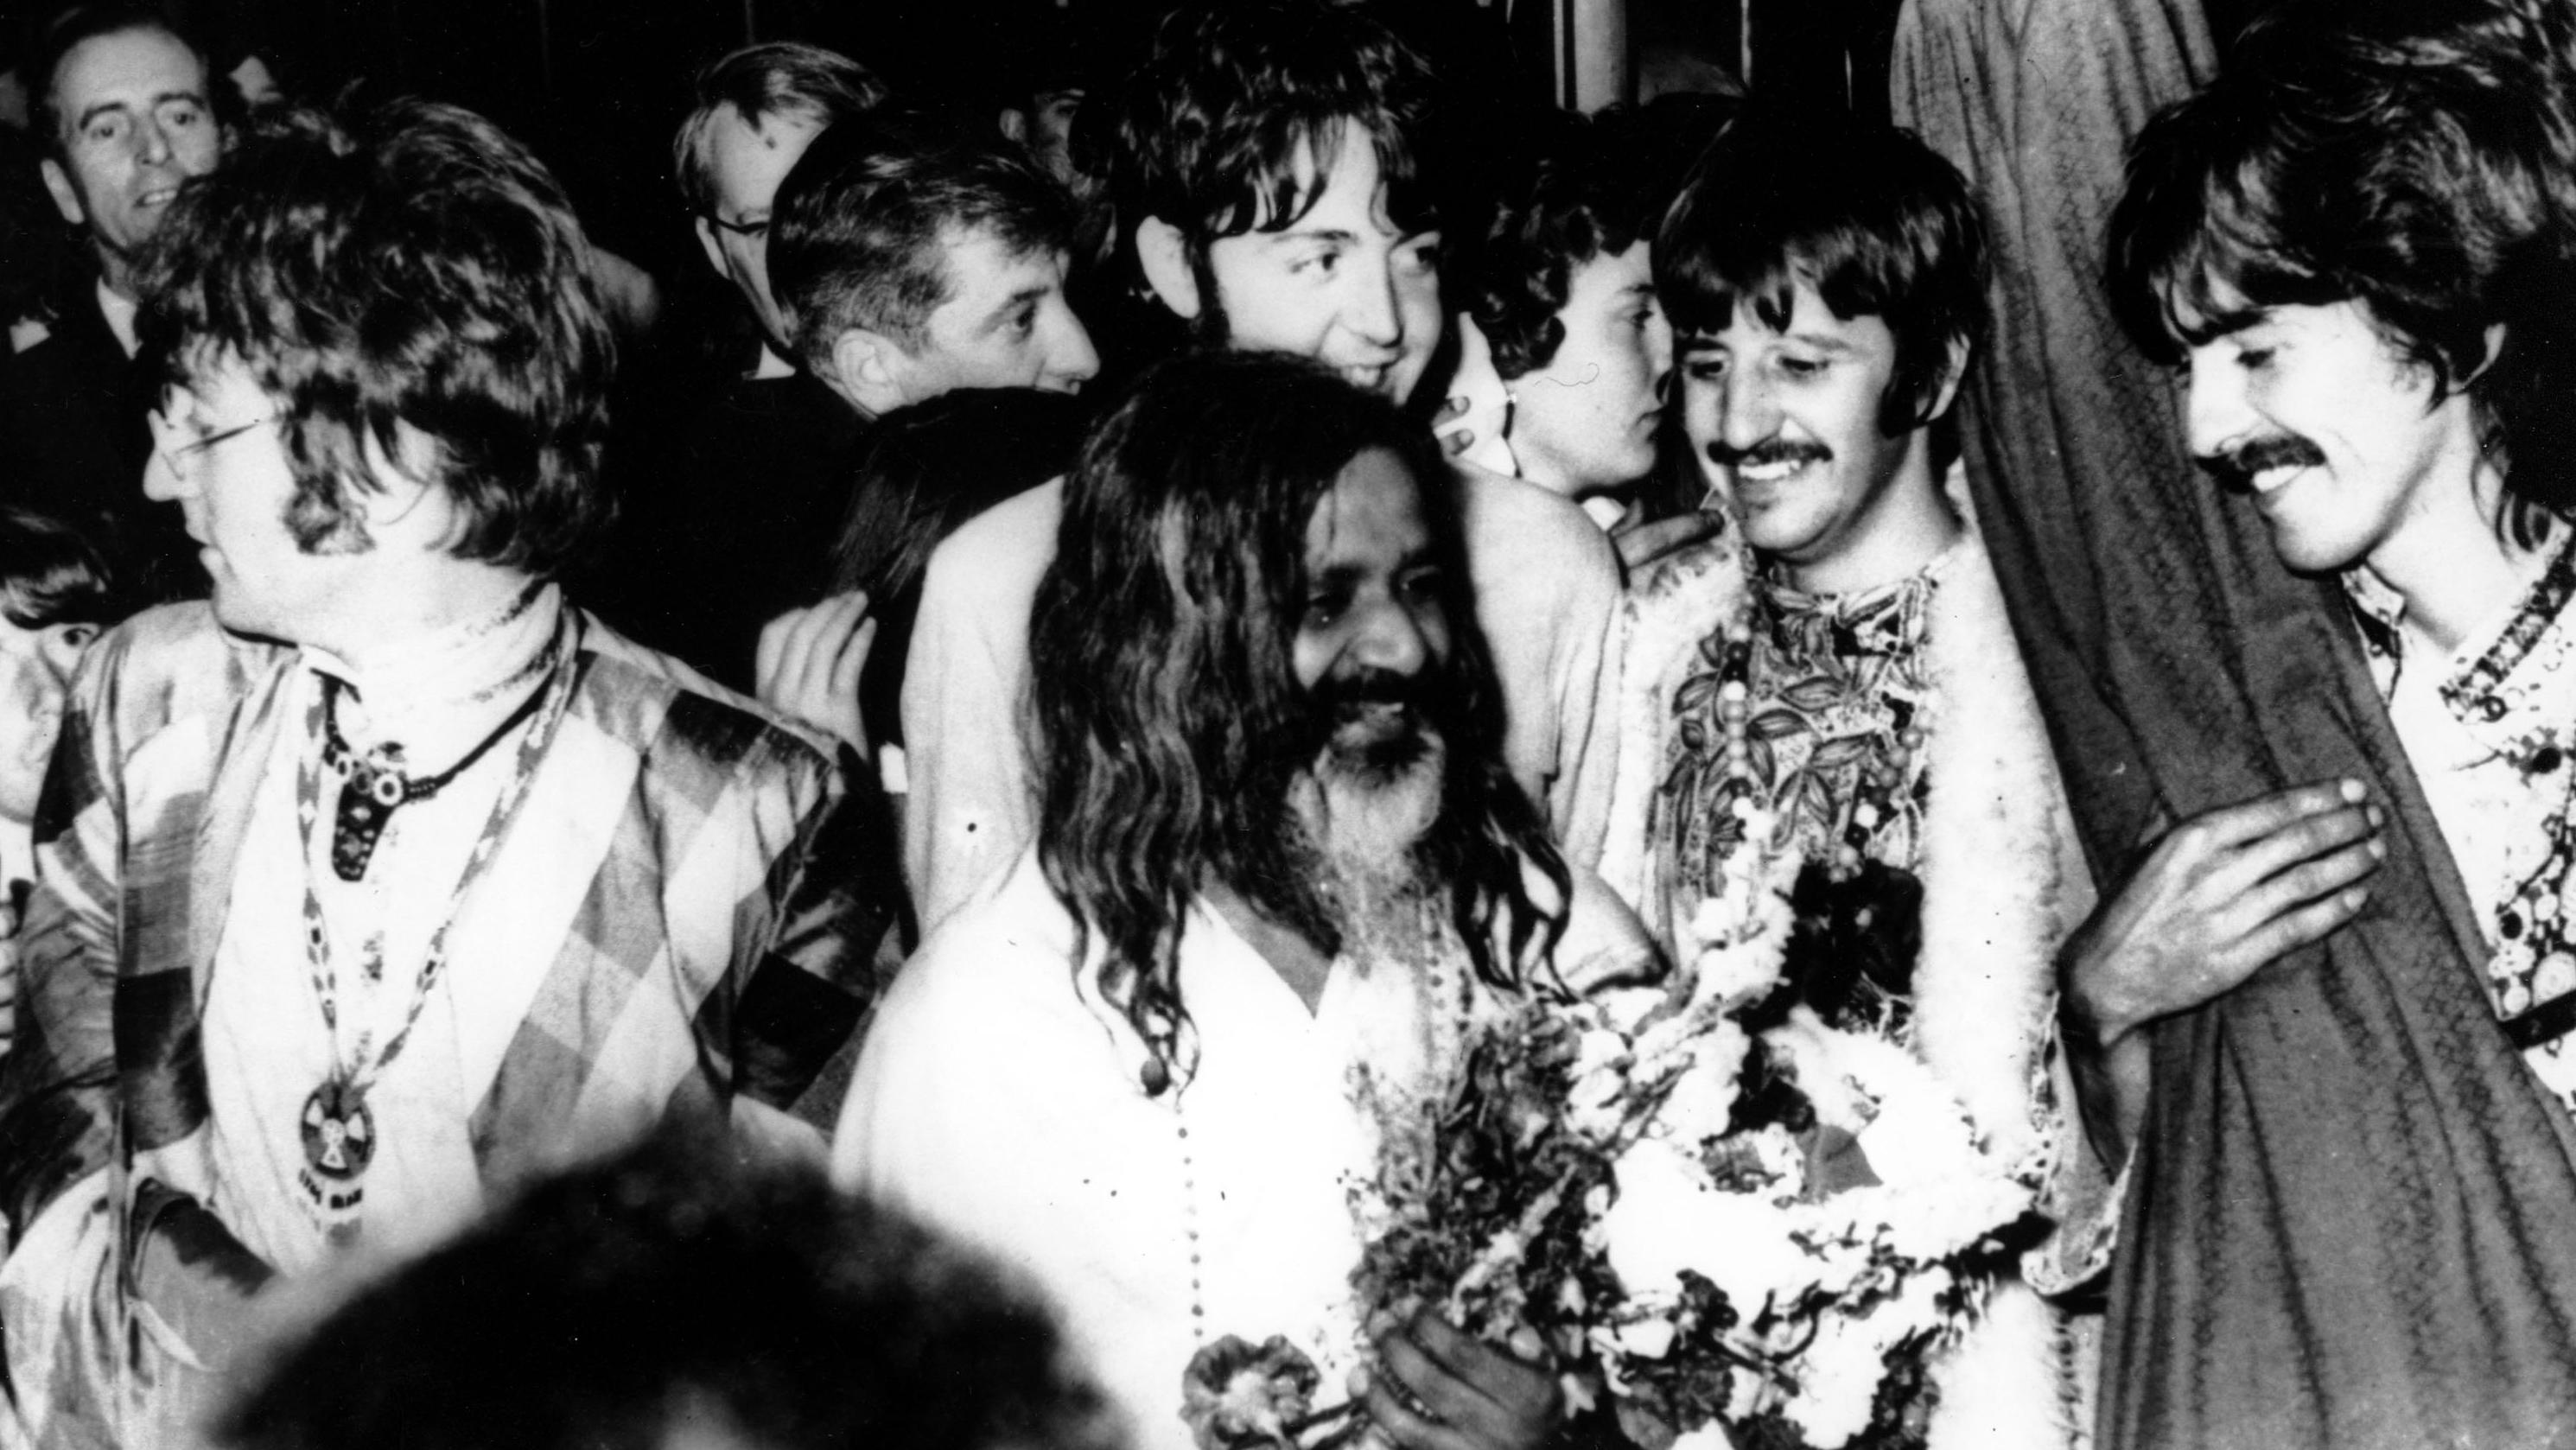 The Beatles with Maharishi Mahesh Yogi, the founder of transcendental meditation.